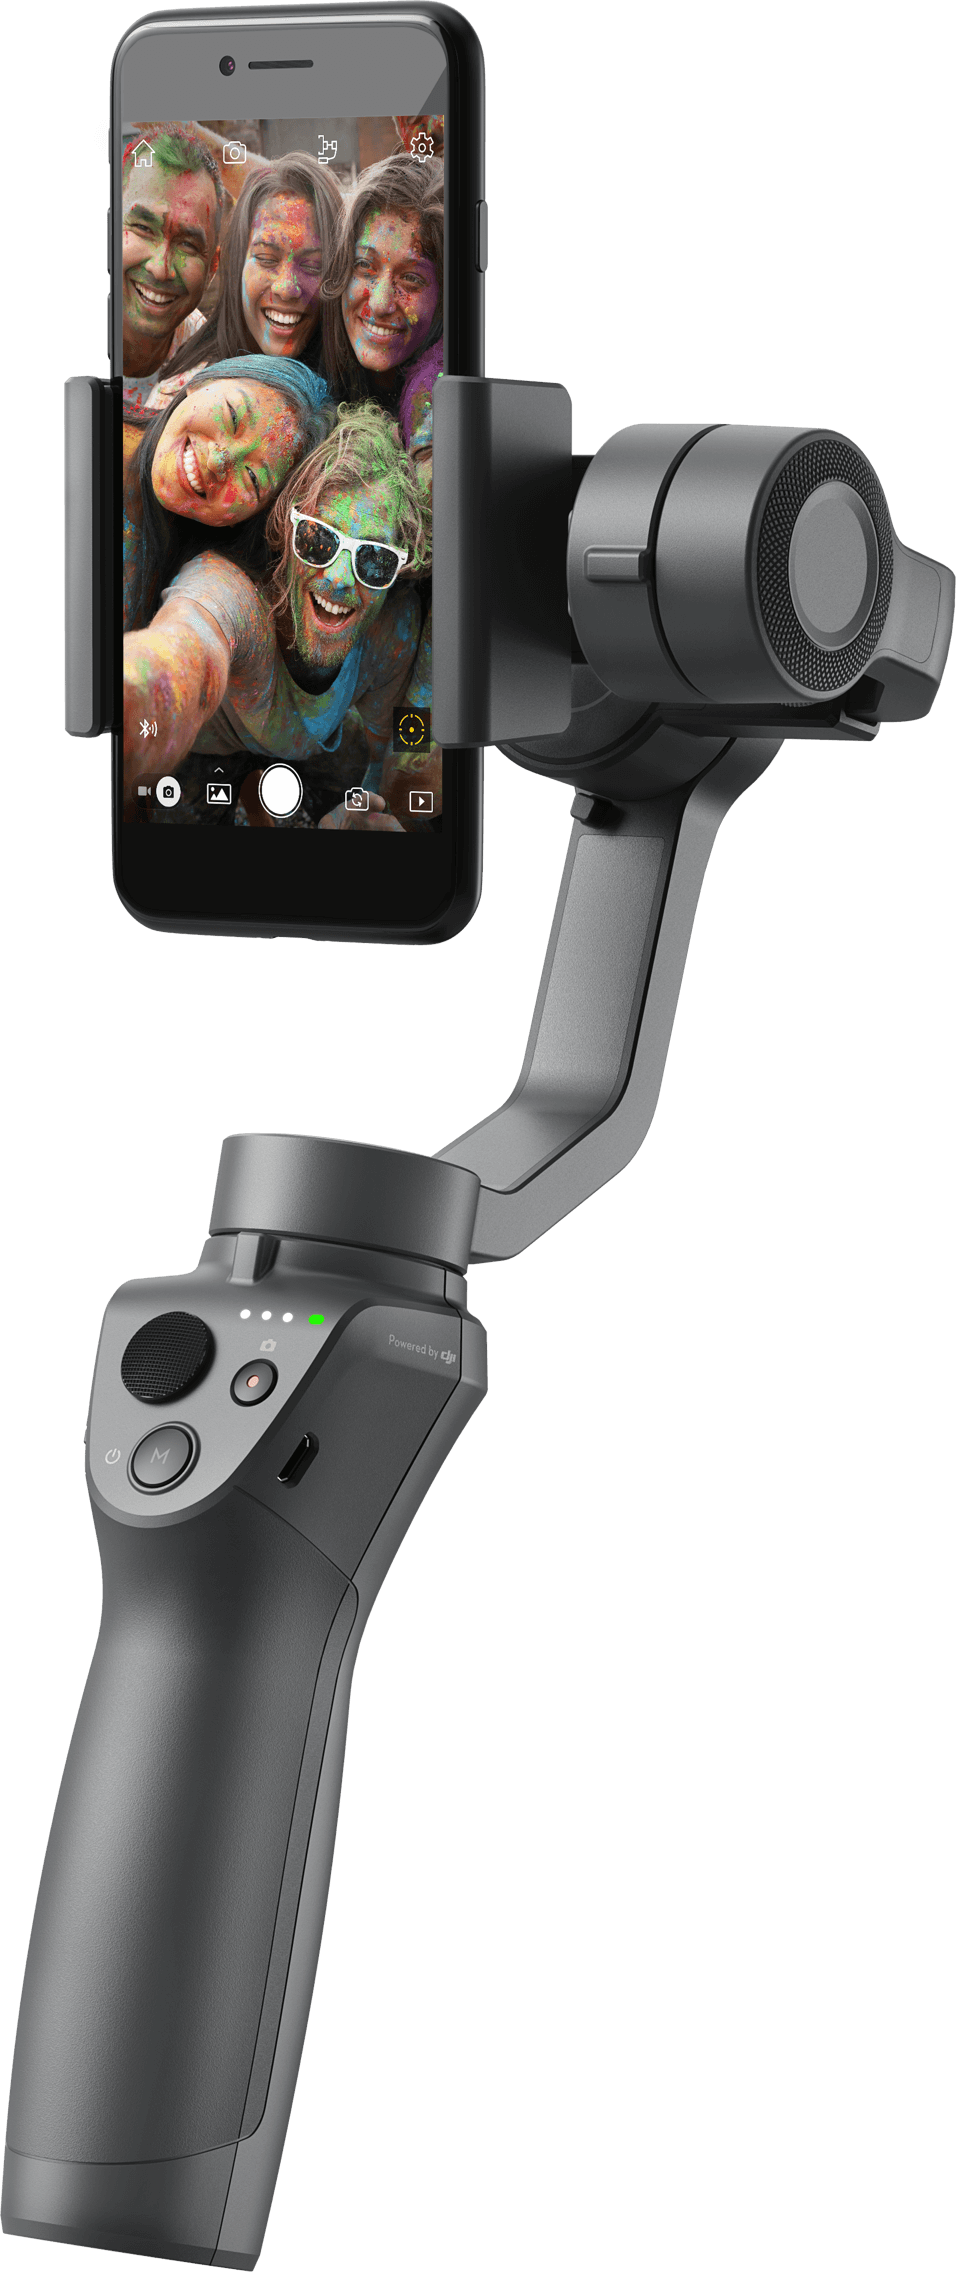 57352e33a9b60 DJI Osmo Mobile 2 – Smartphone Gimbal – DJI